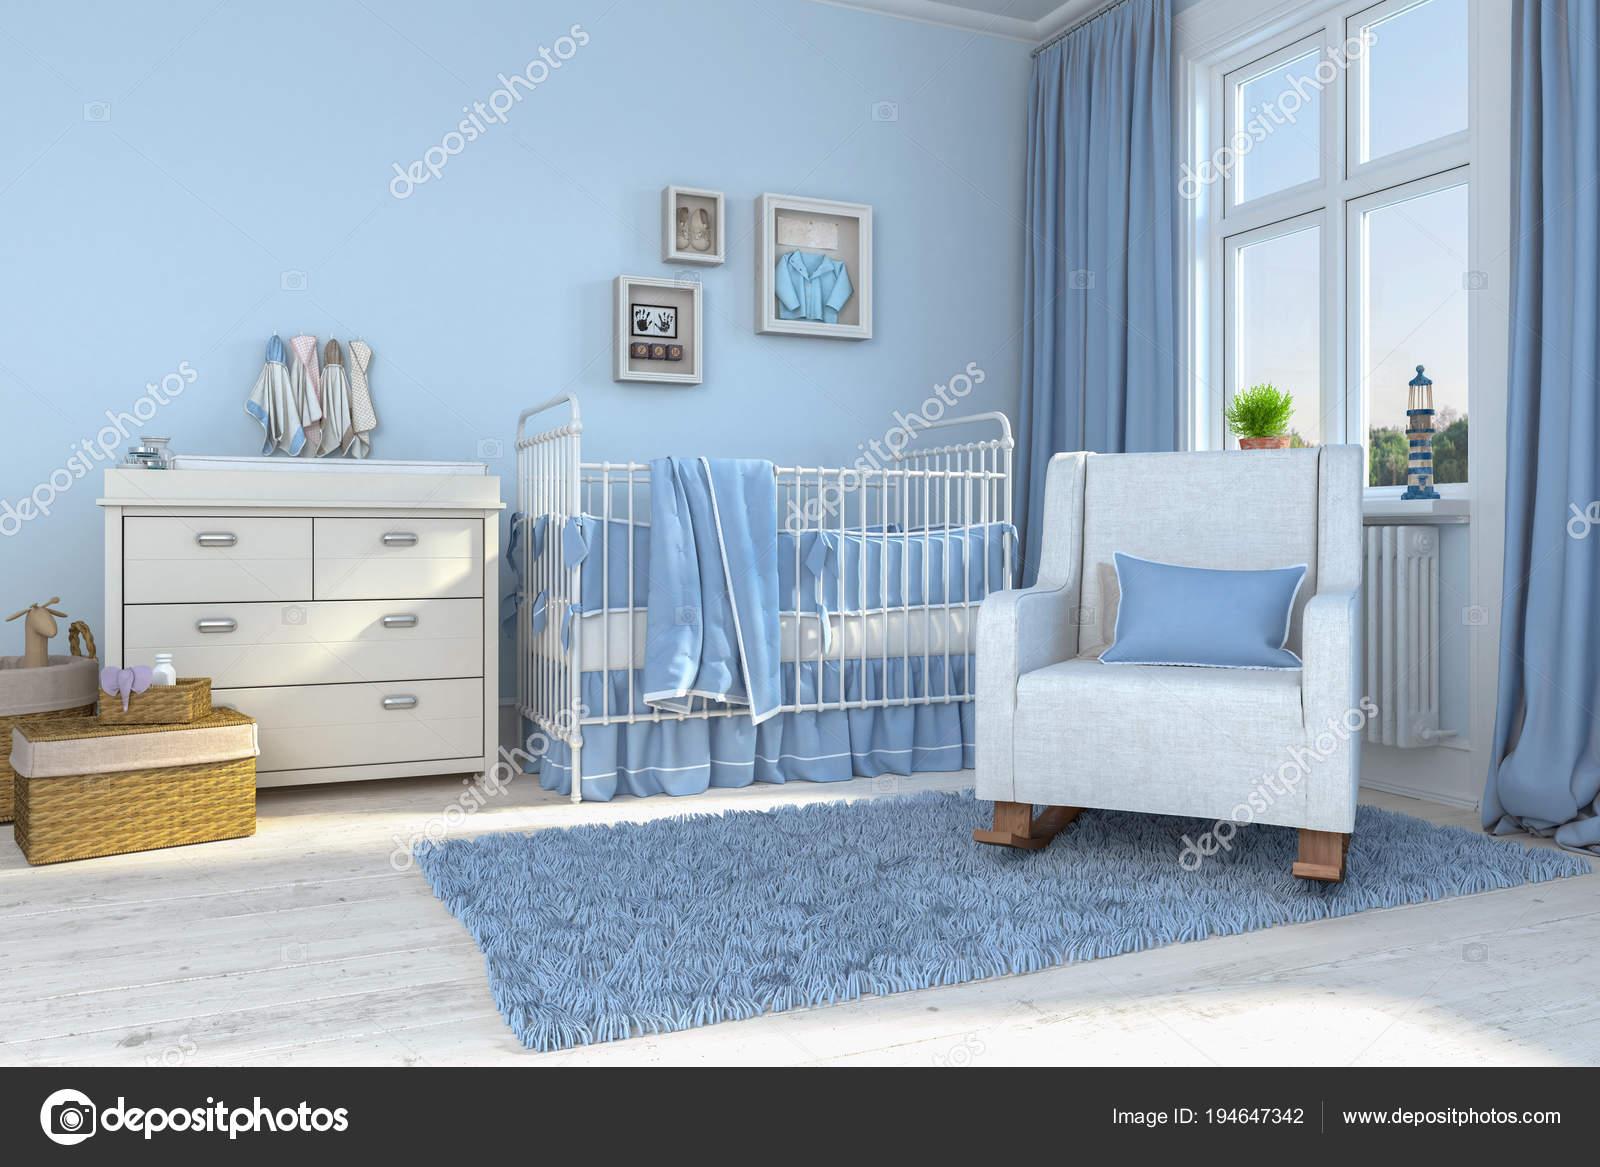 Kamer jongen vibel uitschuifbed nachtkastje te koop dehands be